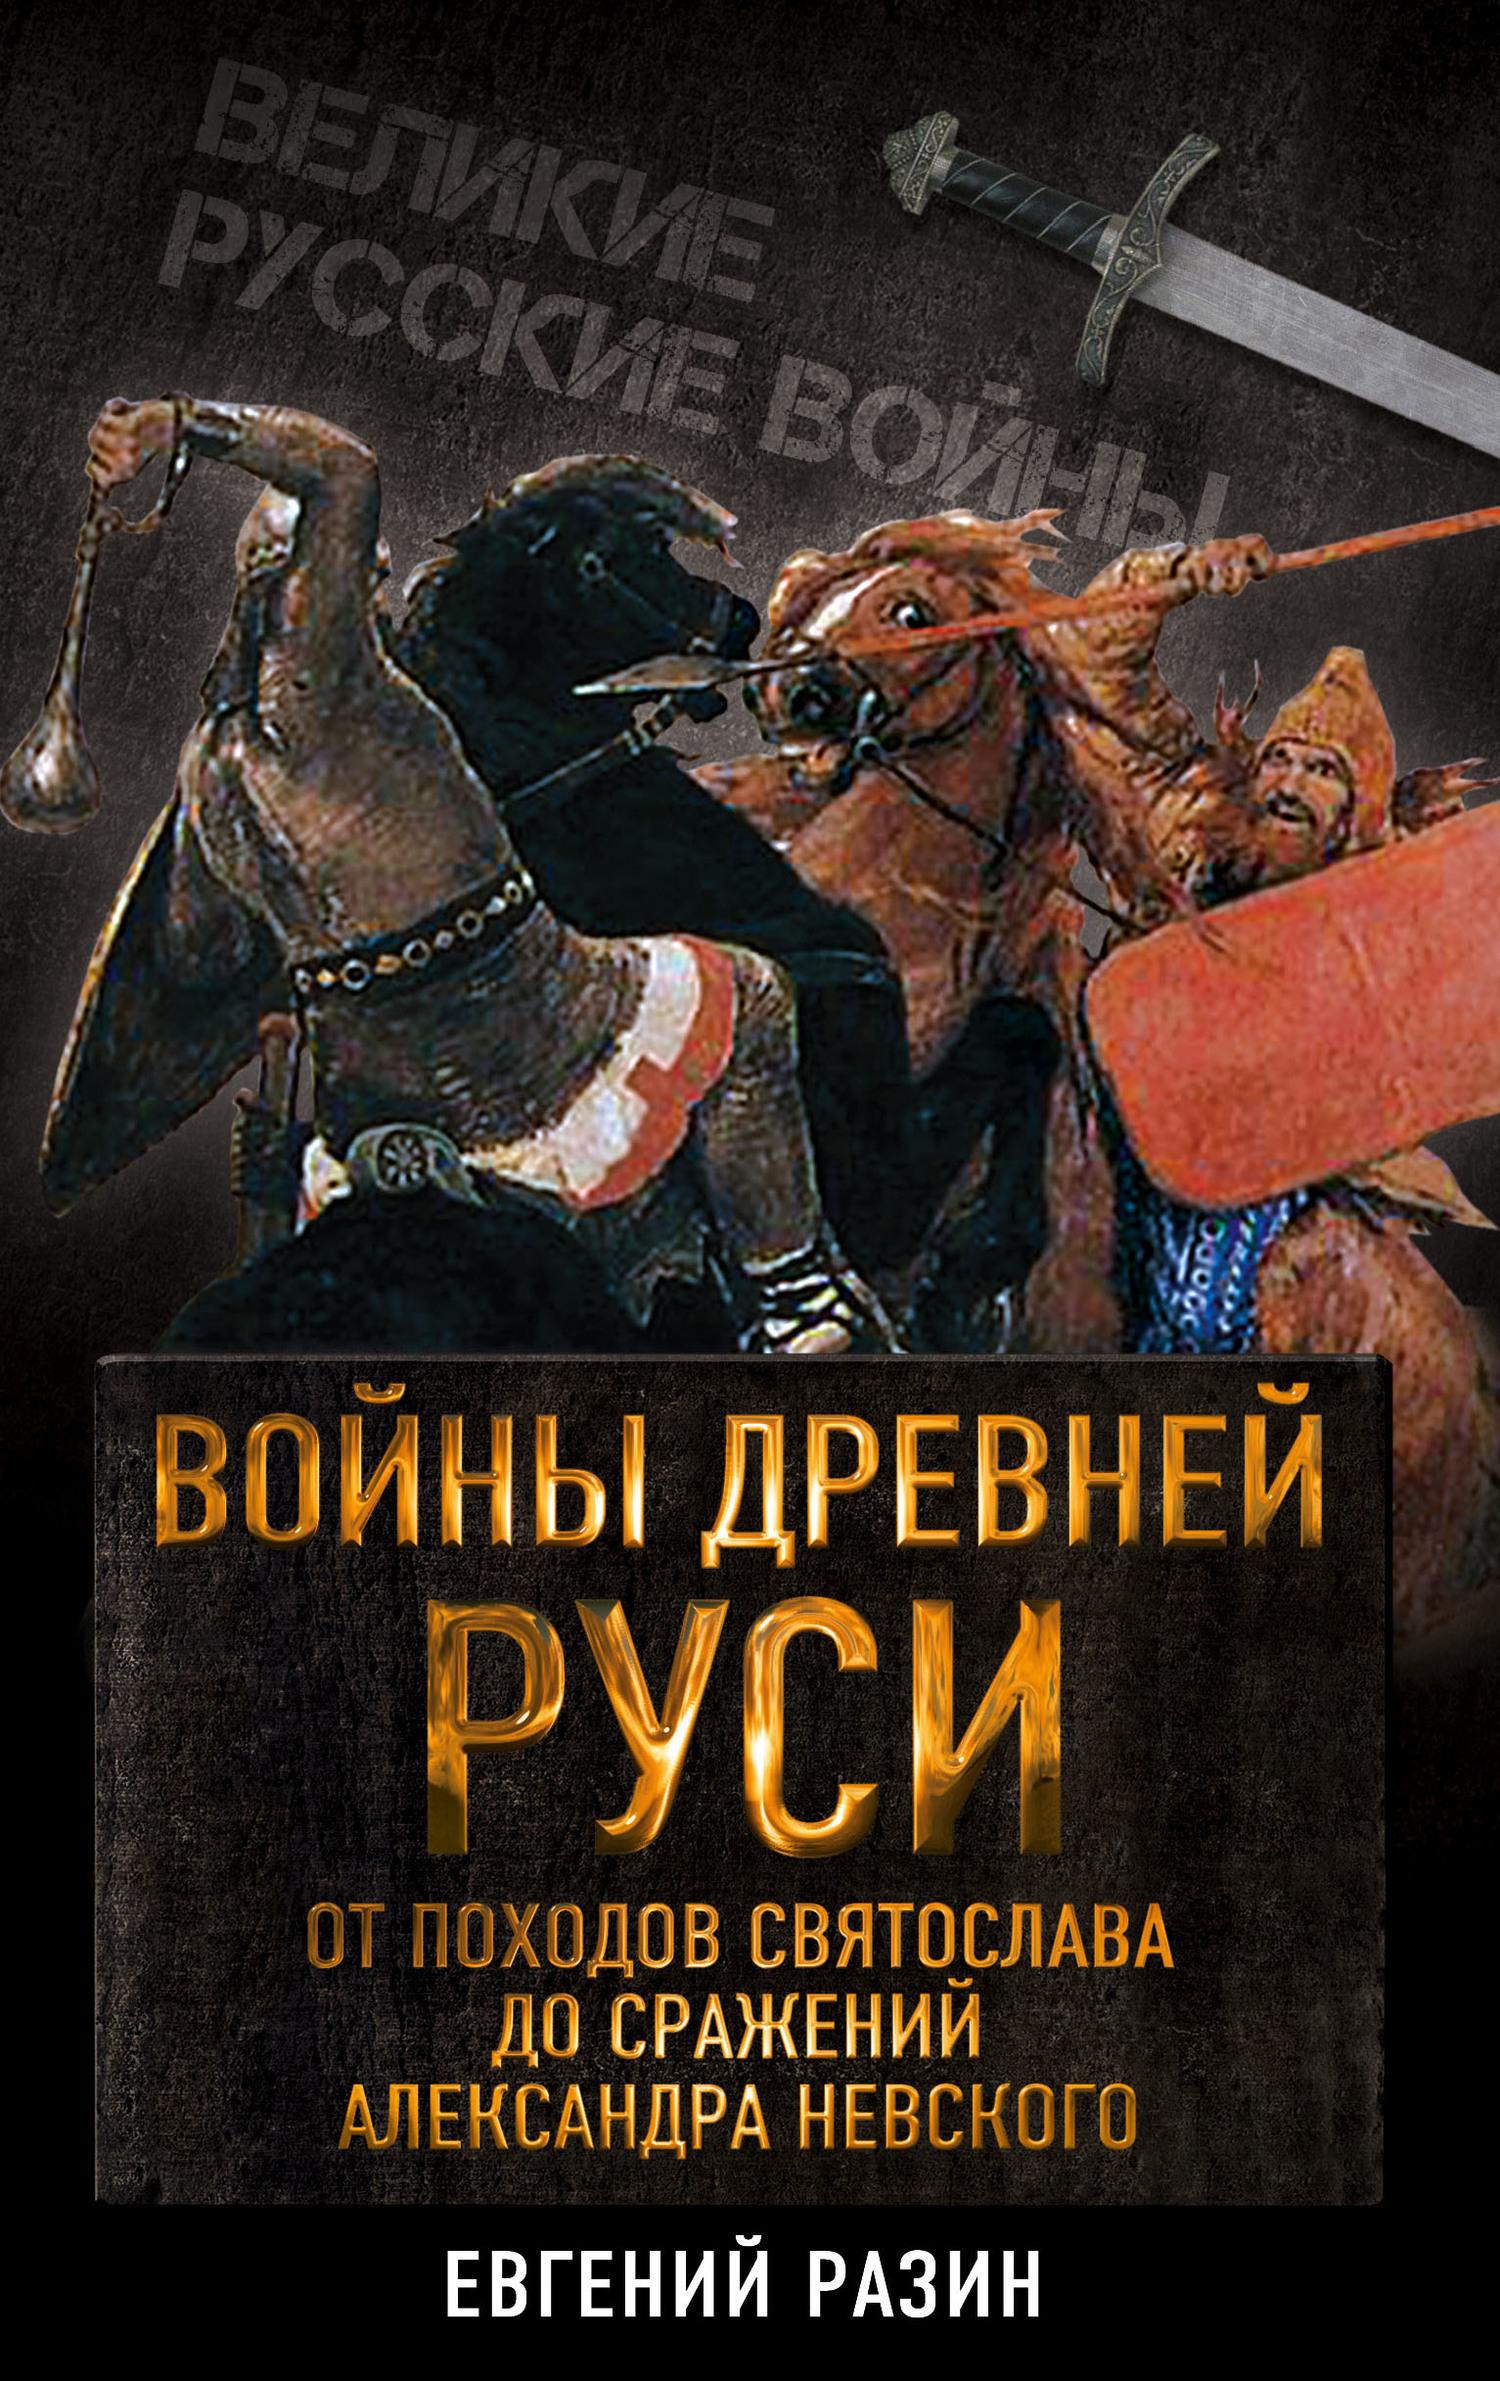 Евгений Разин - Войны Древней Руси. От походов Святослава до сражения Александра Невского